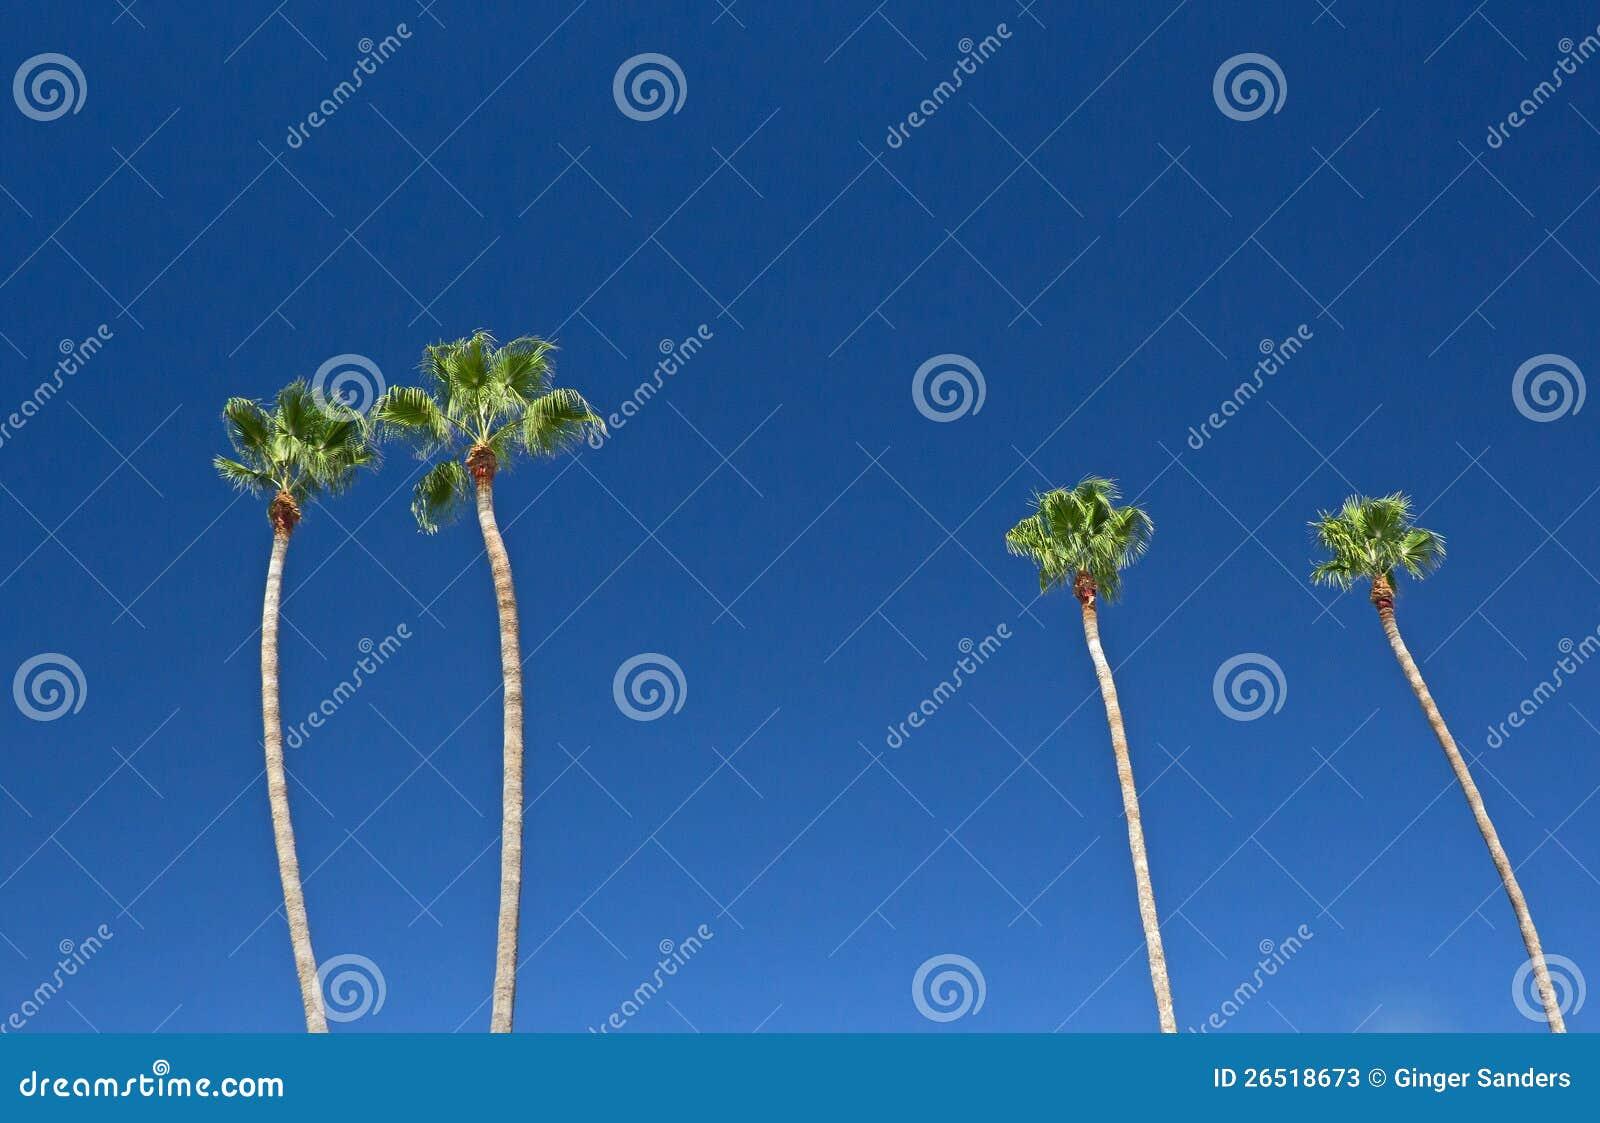 Palmeiras altas no céu azul brilhante